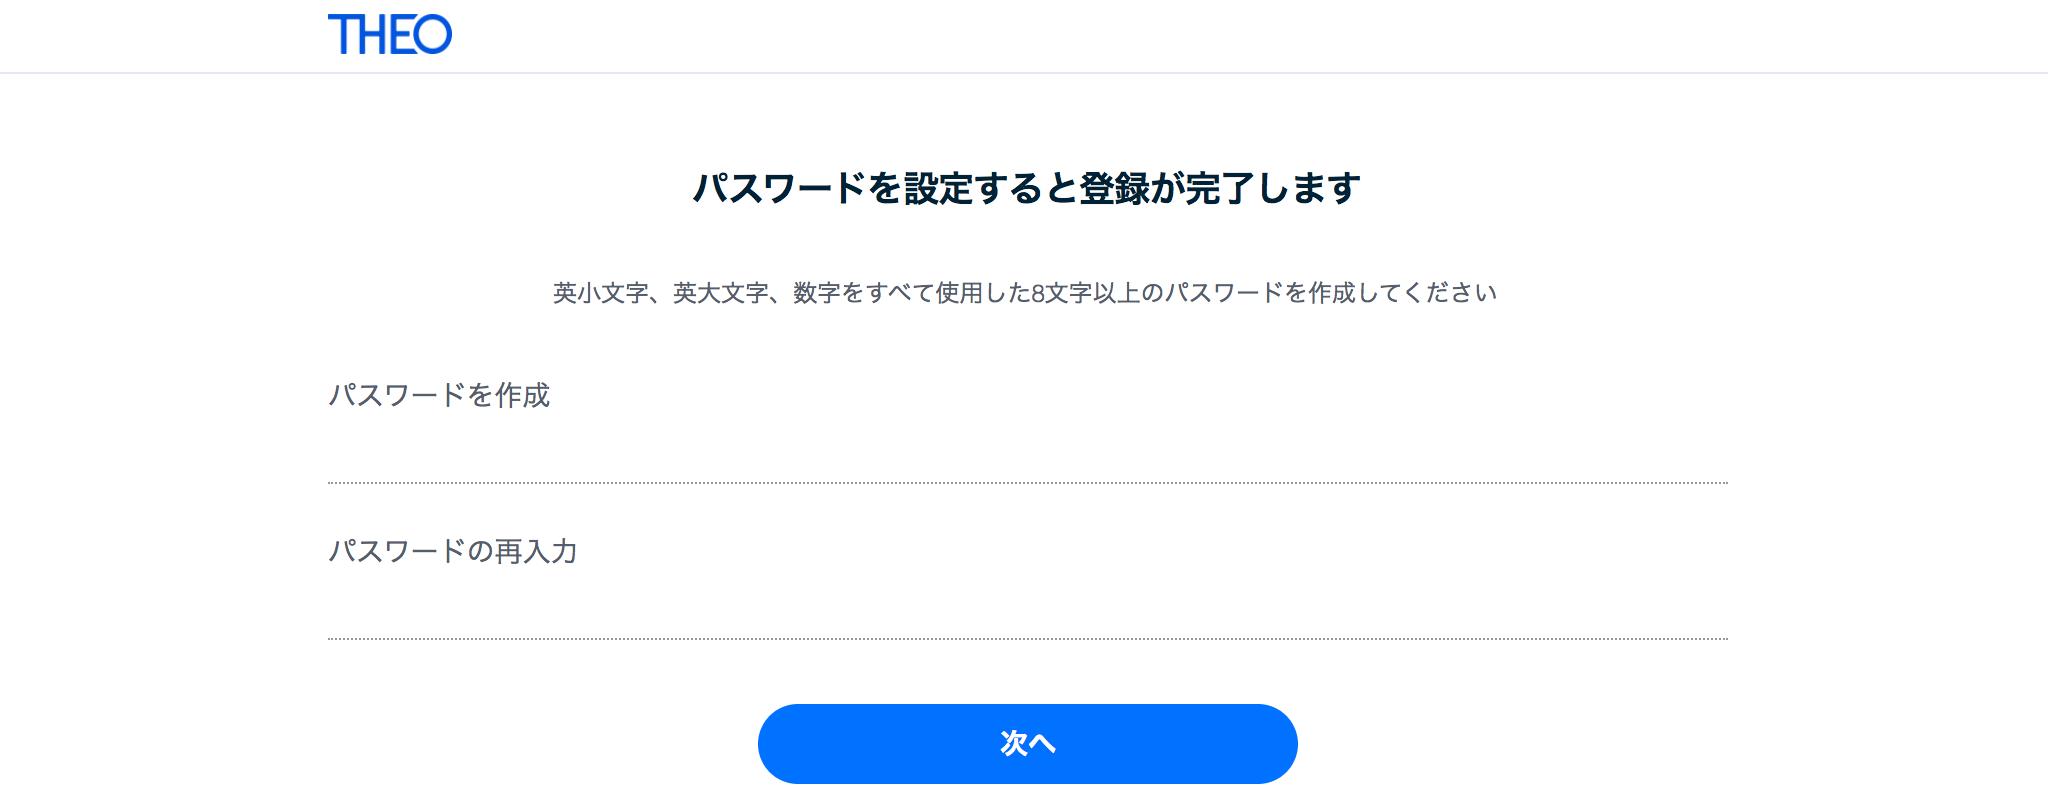 THEO(テオ)パスワード設定